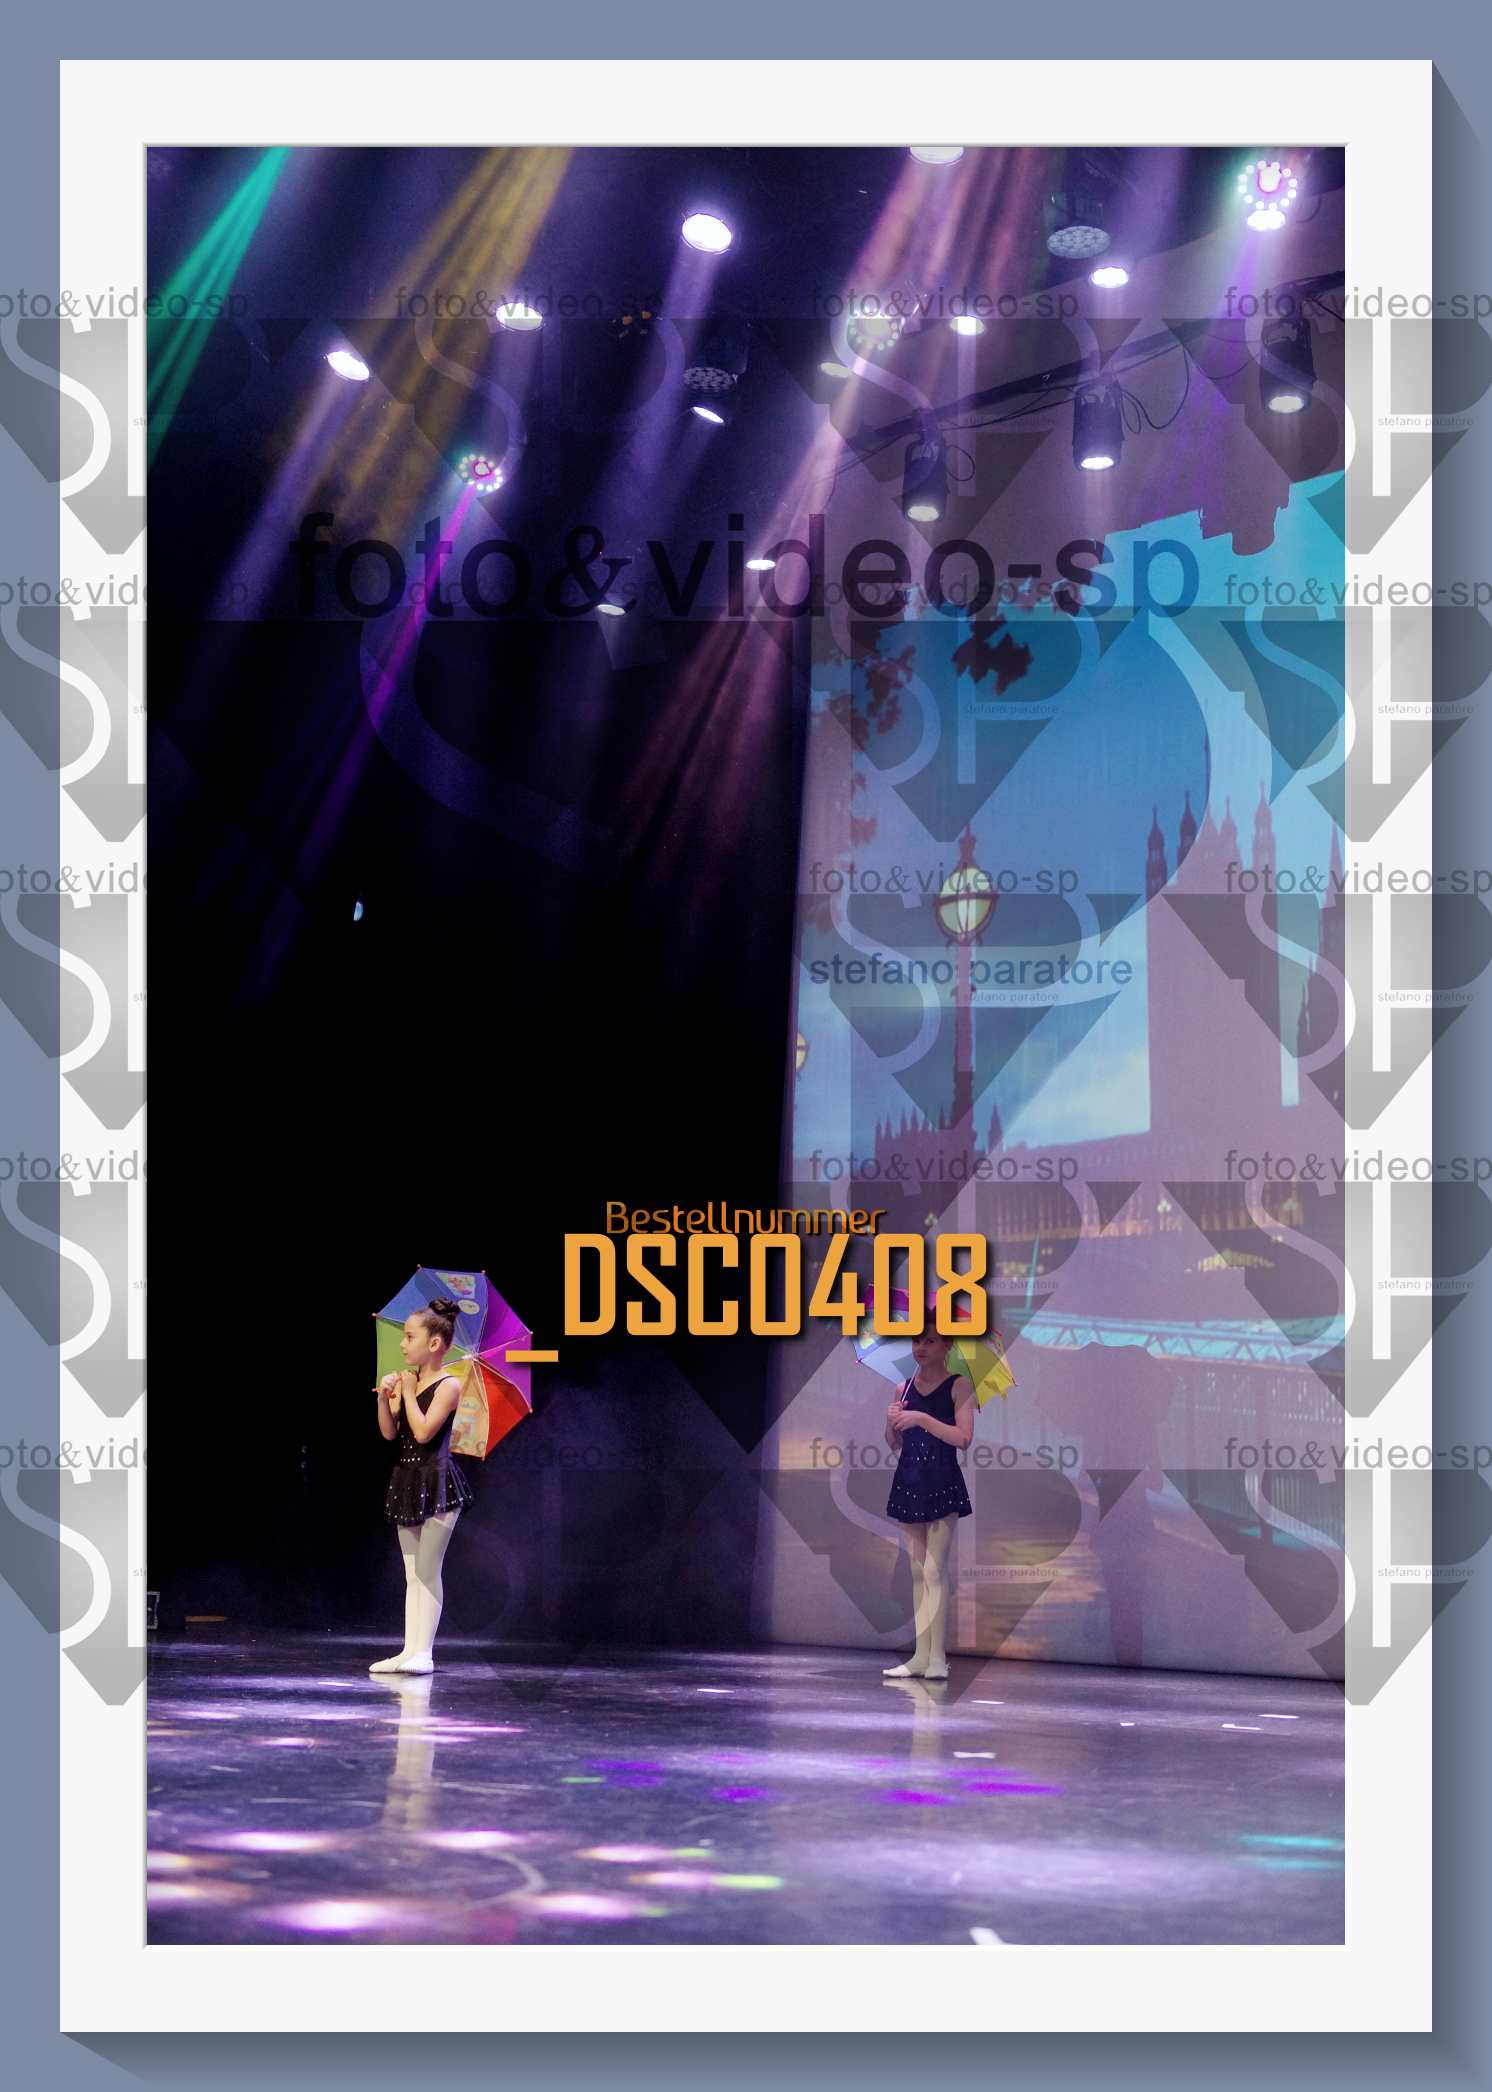 DSC0408